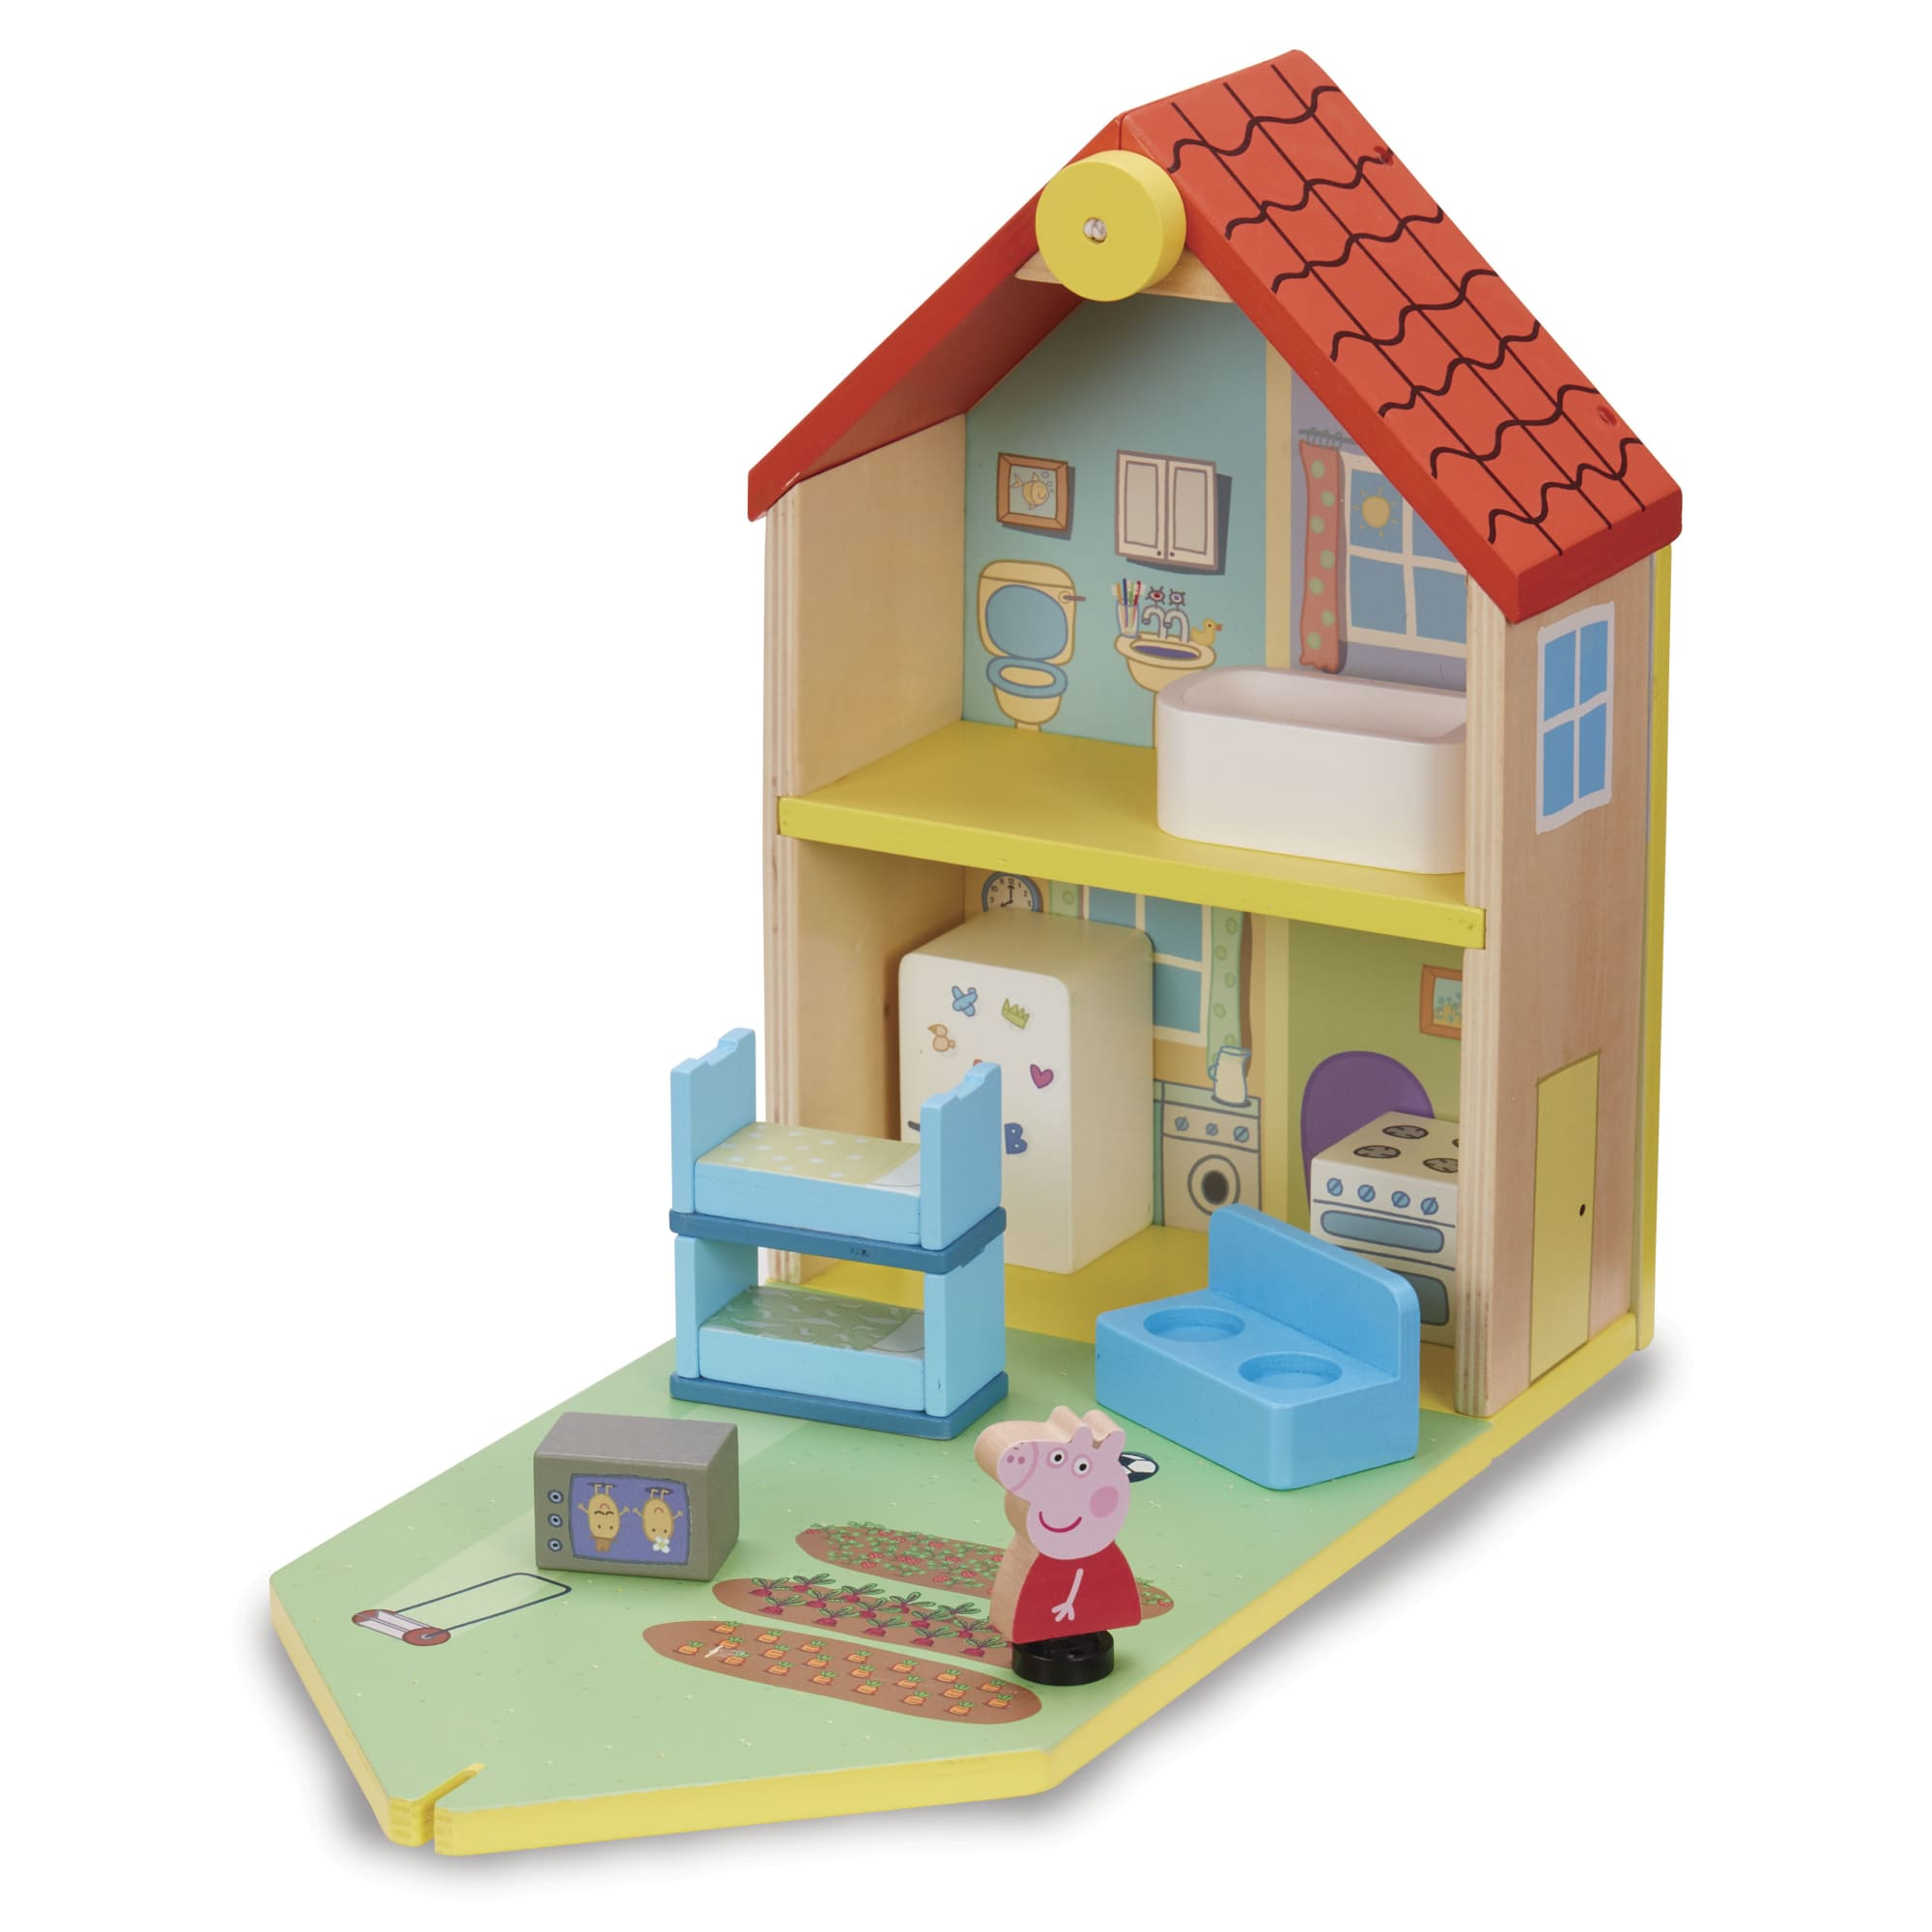 Gurli Gris - Dukkehus i Træ med figur og møbler